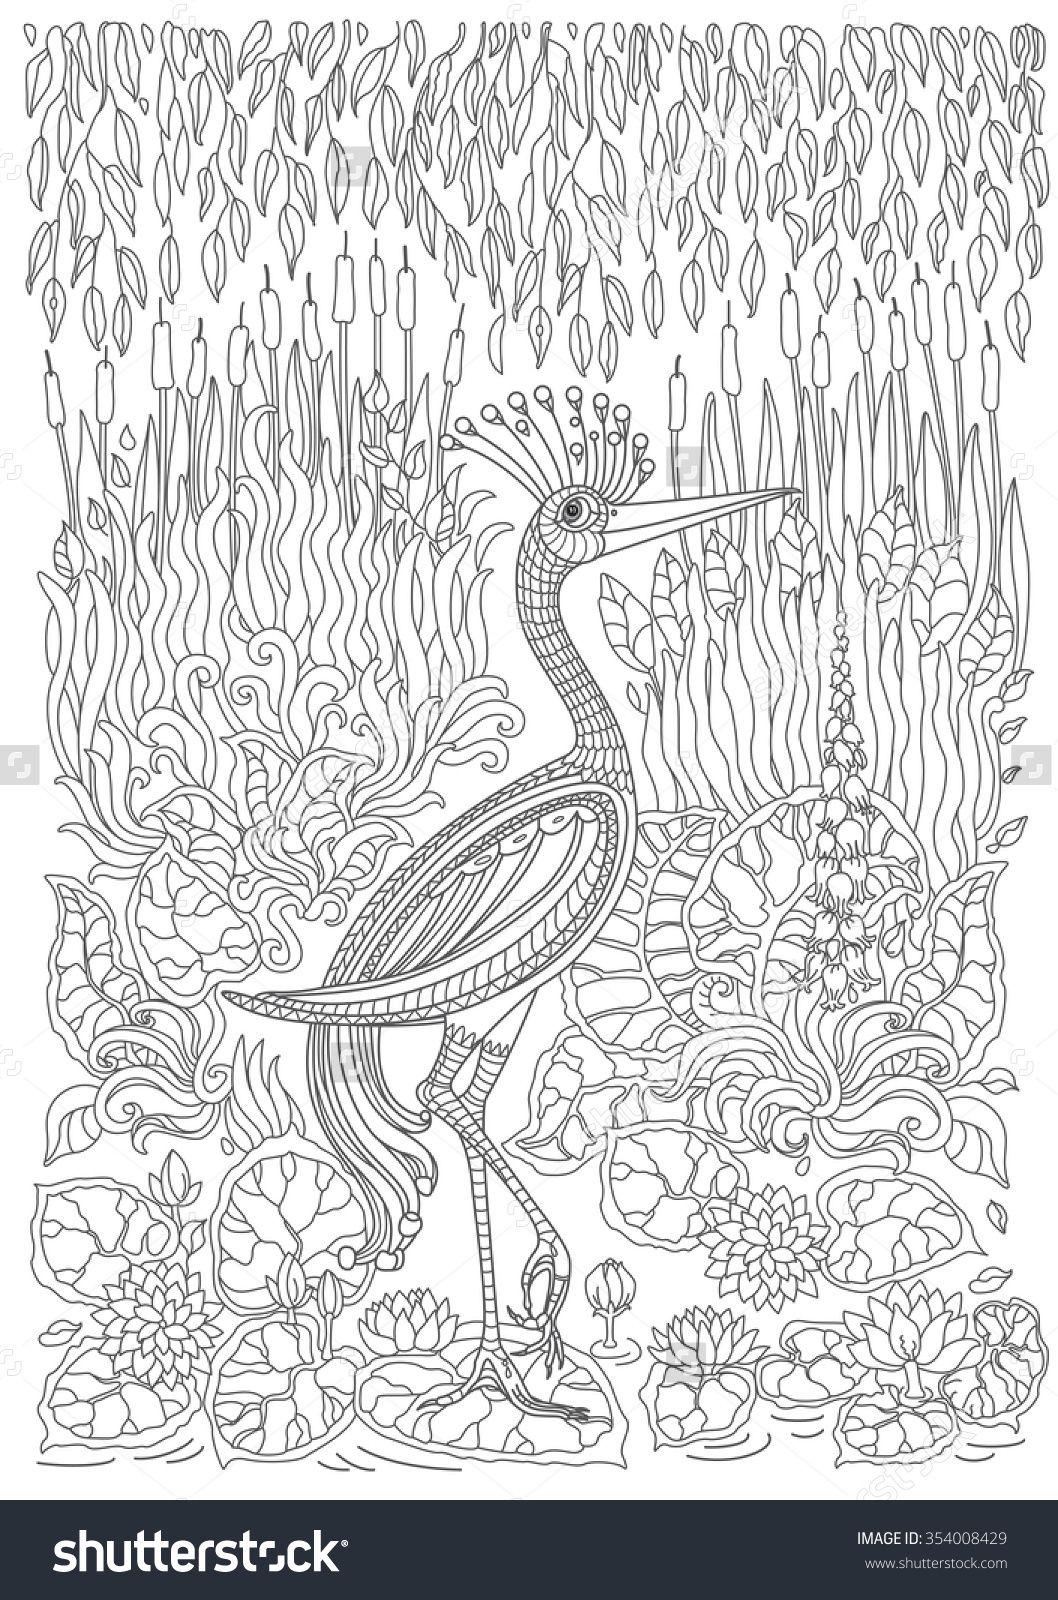 Pin de Rosa María en Pajaros 03 | Pinterest | Terapia, Pájaro y Color